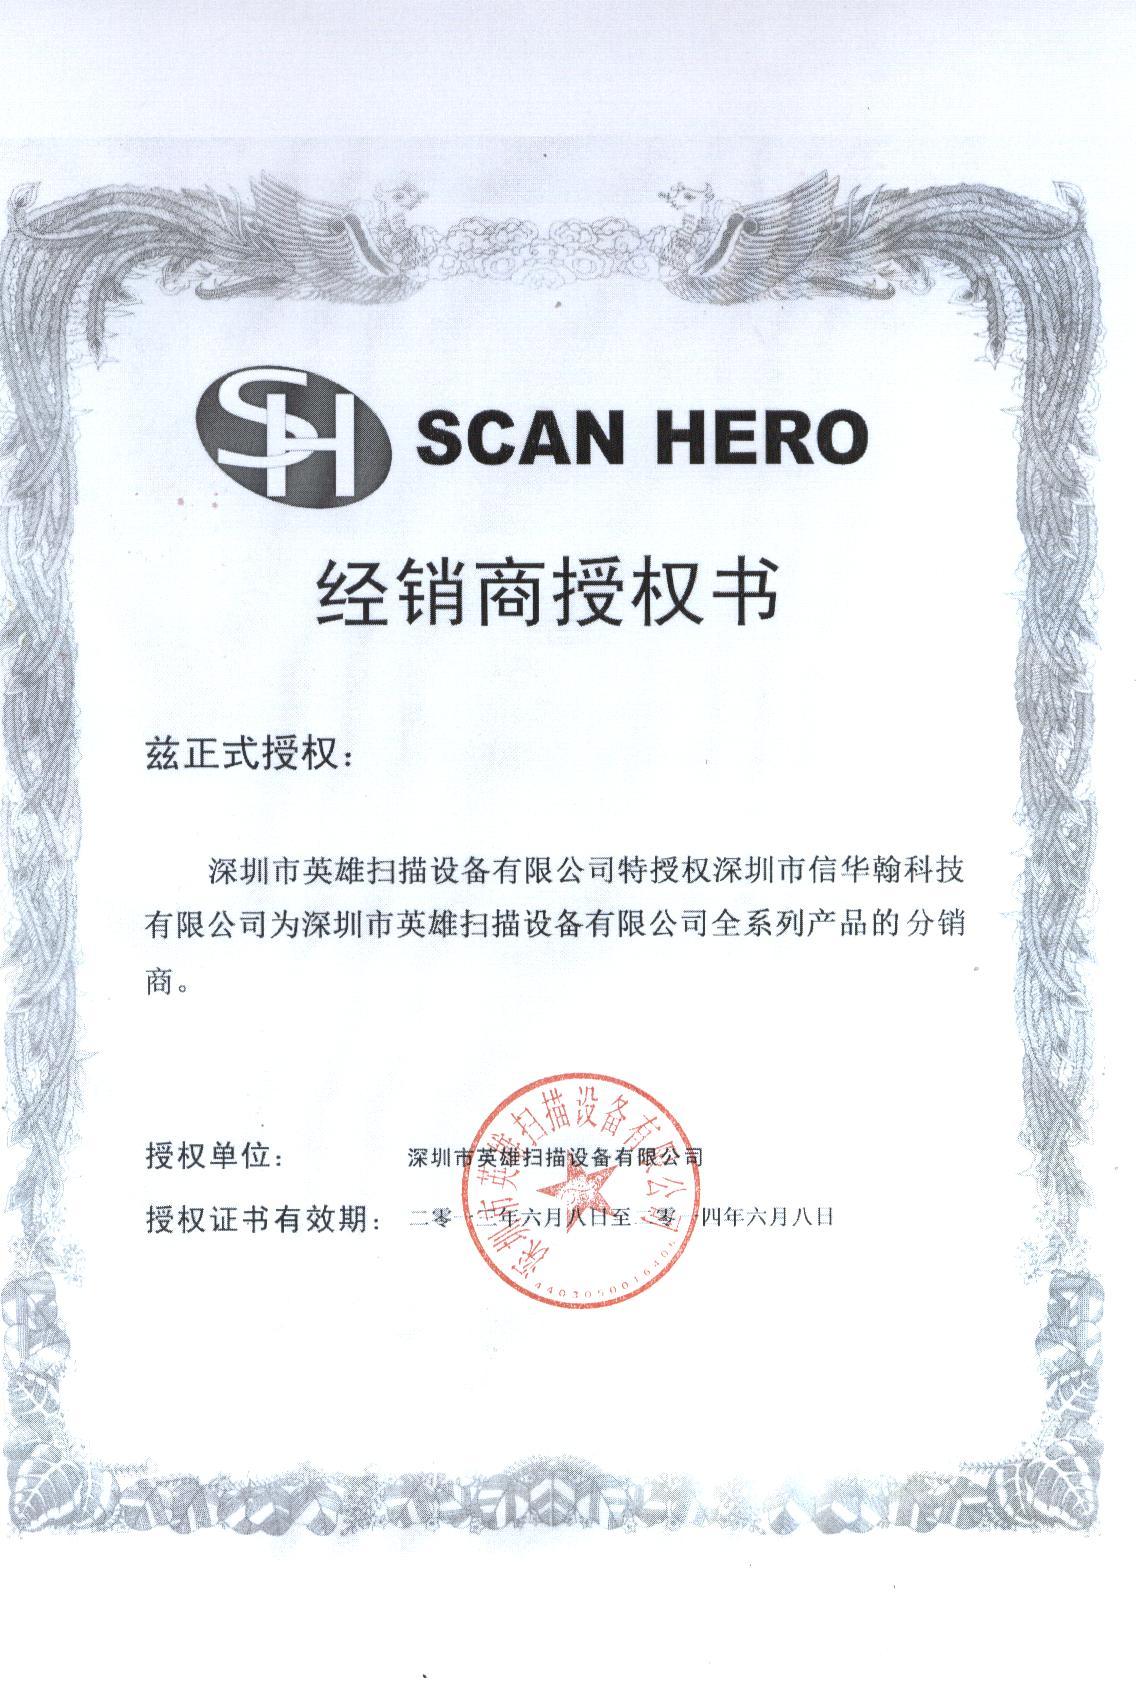 扫描英雄授权书